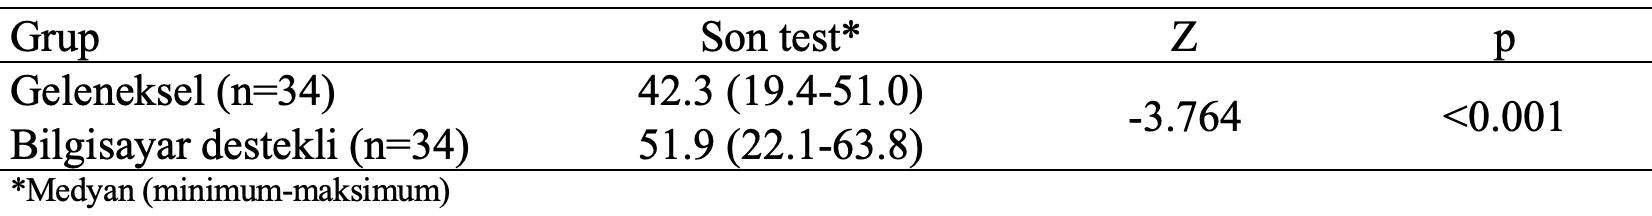 geleneksel bilgisayar destekli son test karşılaştırma